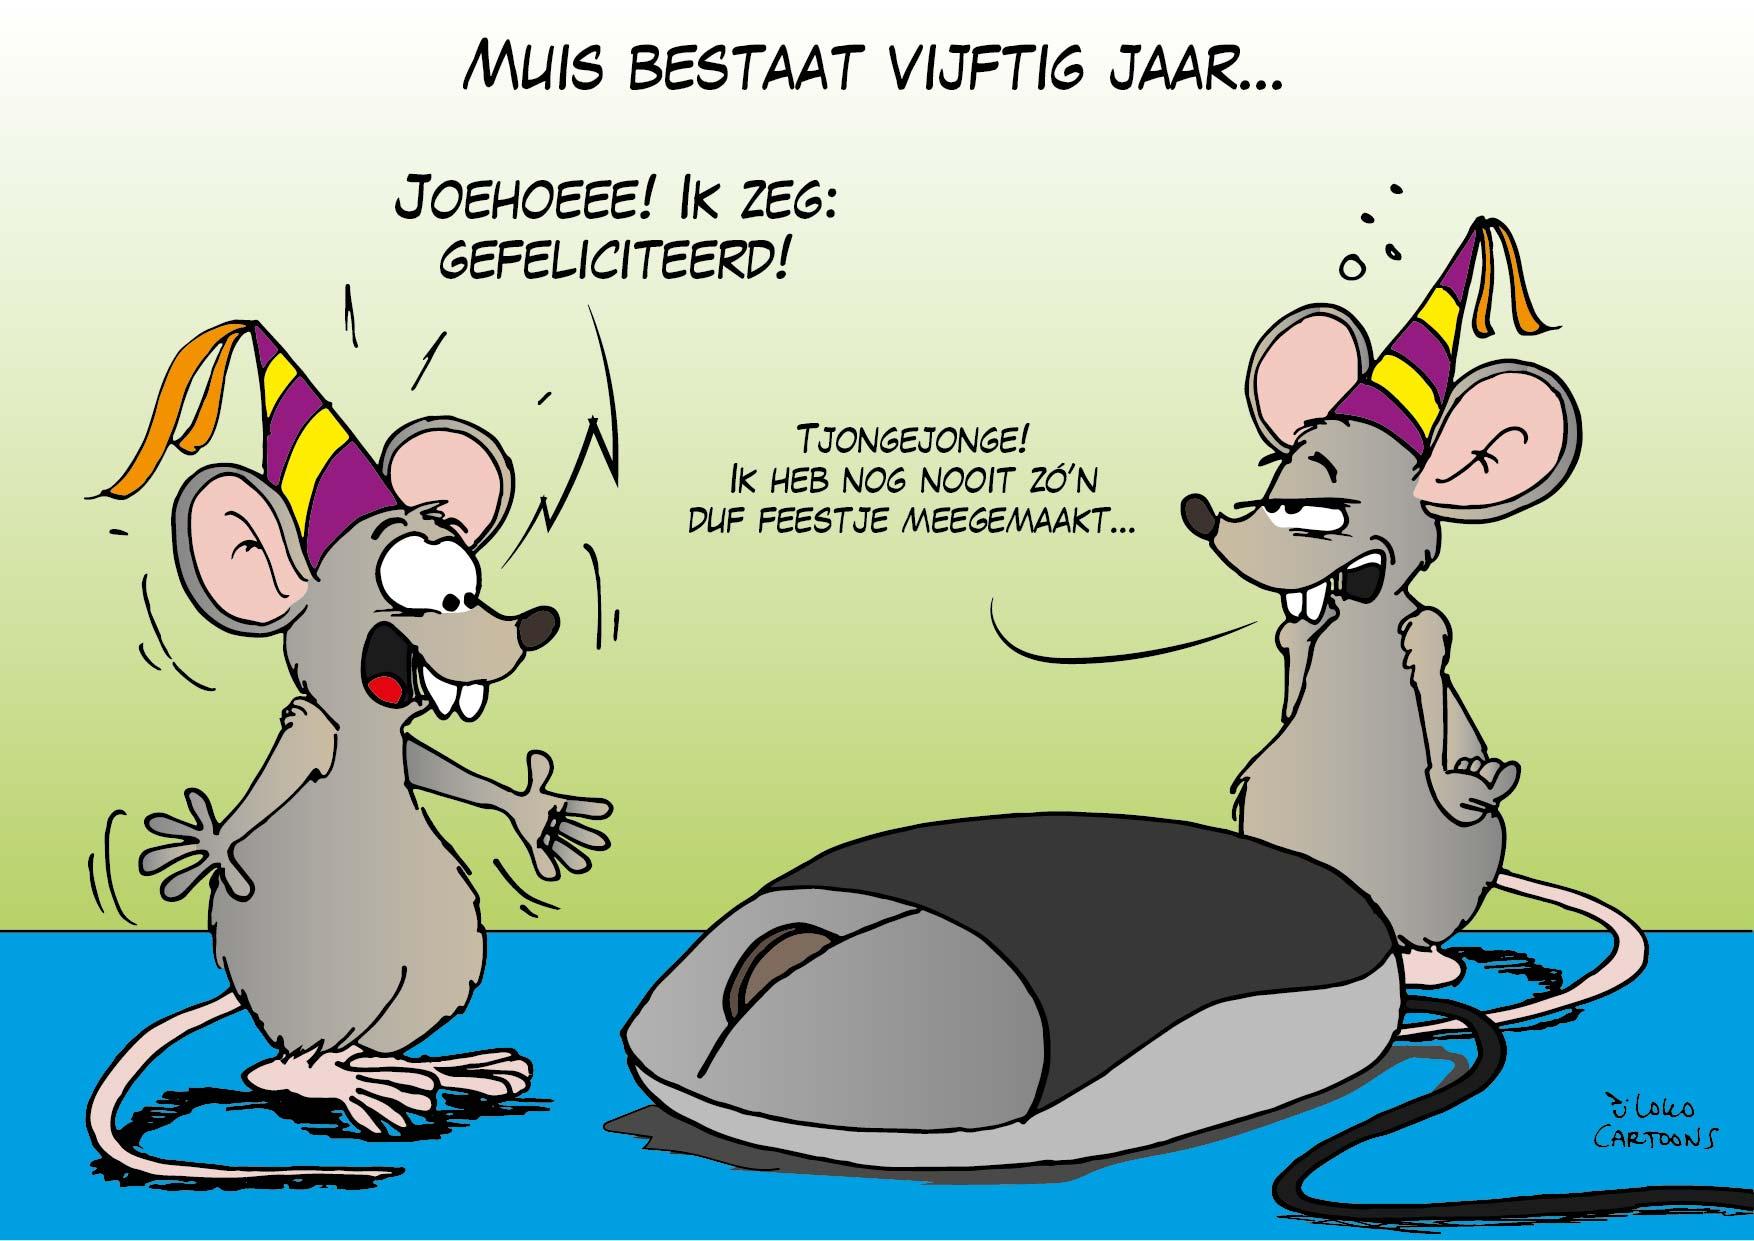 Muis bestaat vijftig jaar…